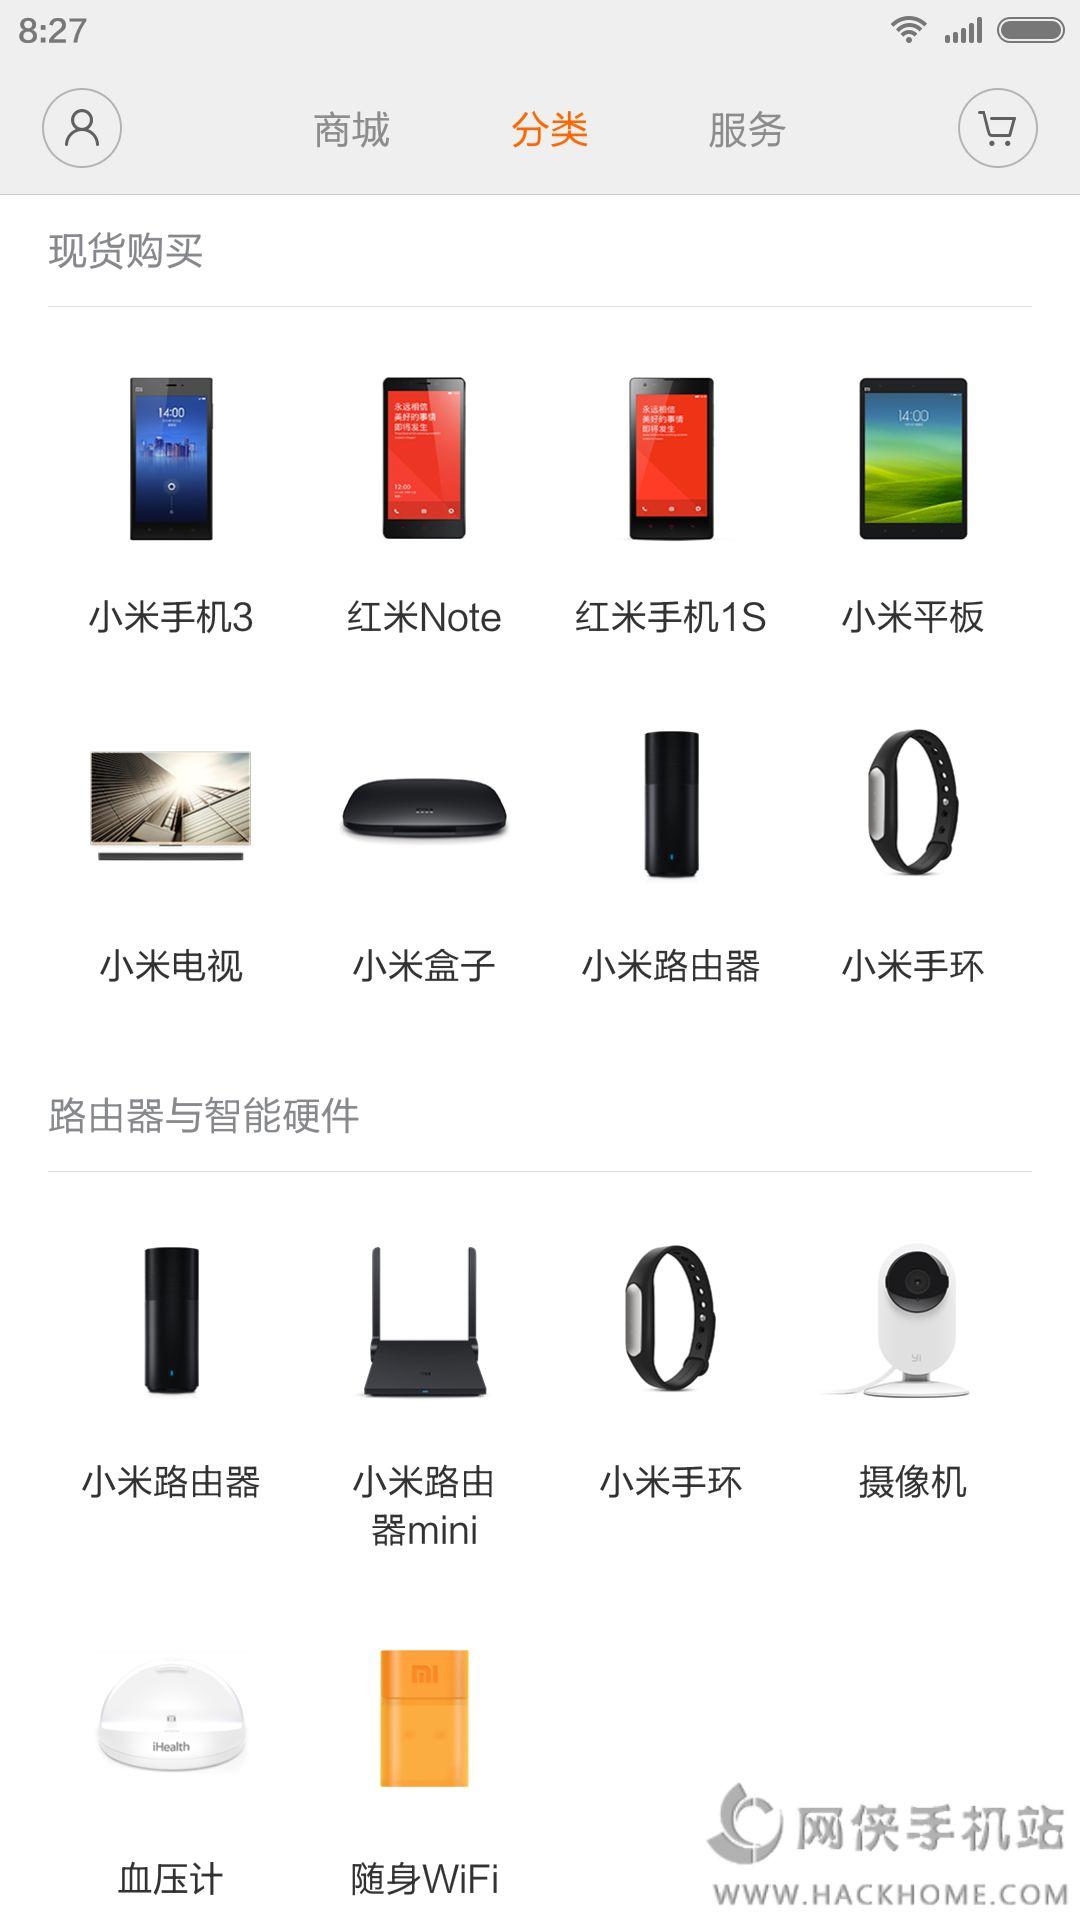 小米商城官网手机版图2: